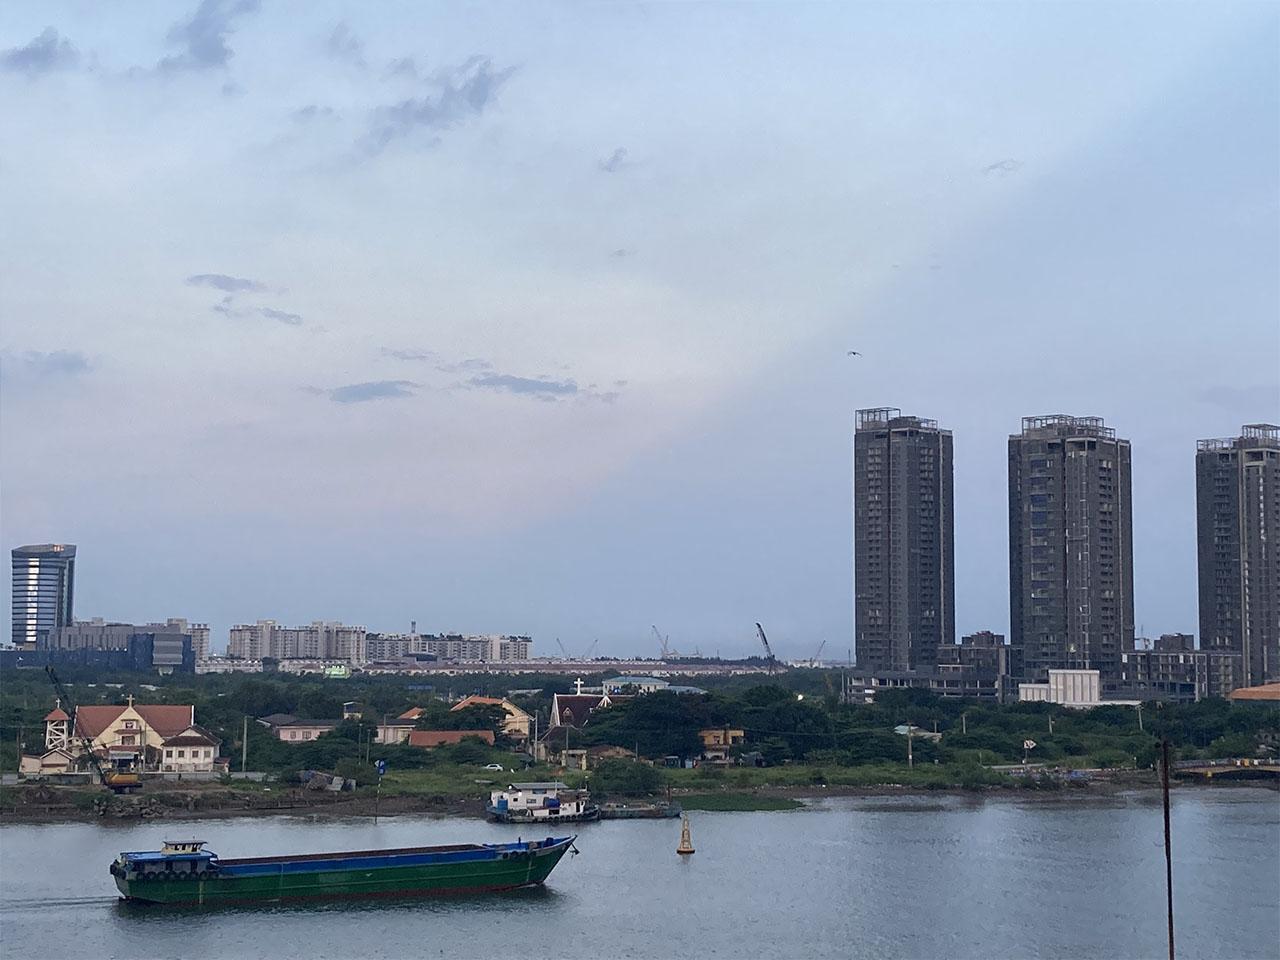 Ảnh chụp bờ sông bằng iPhone SE 2020